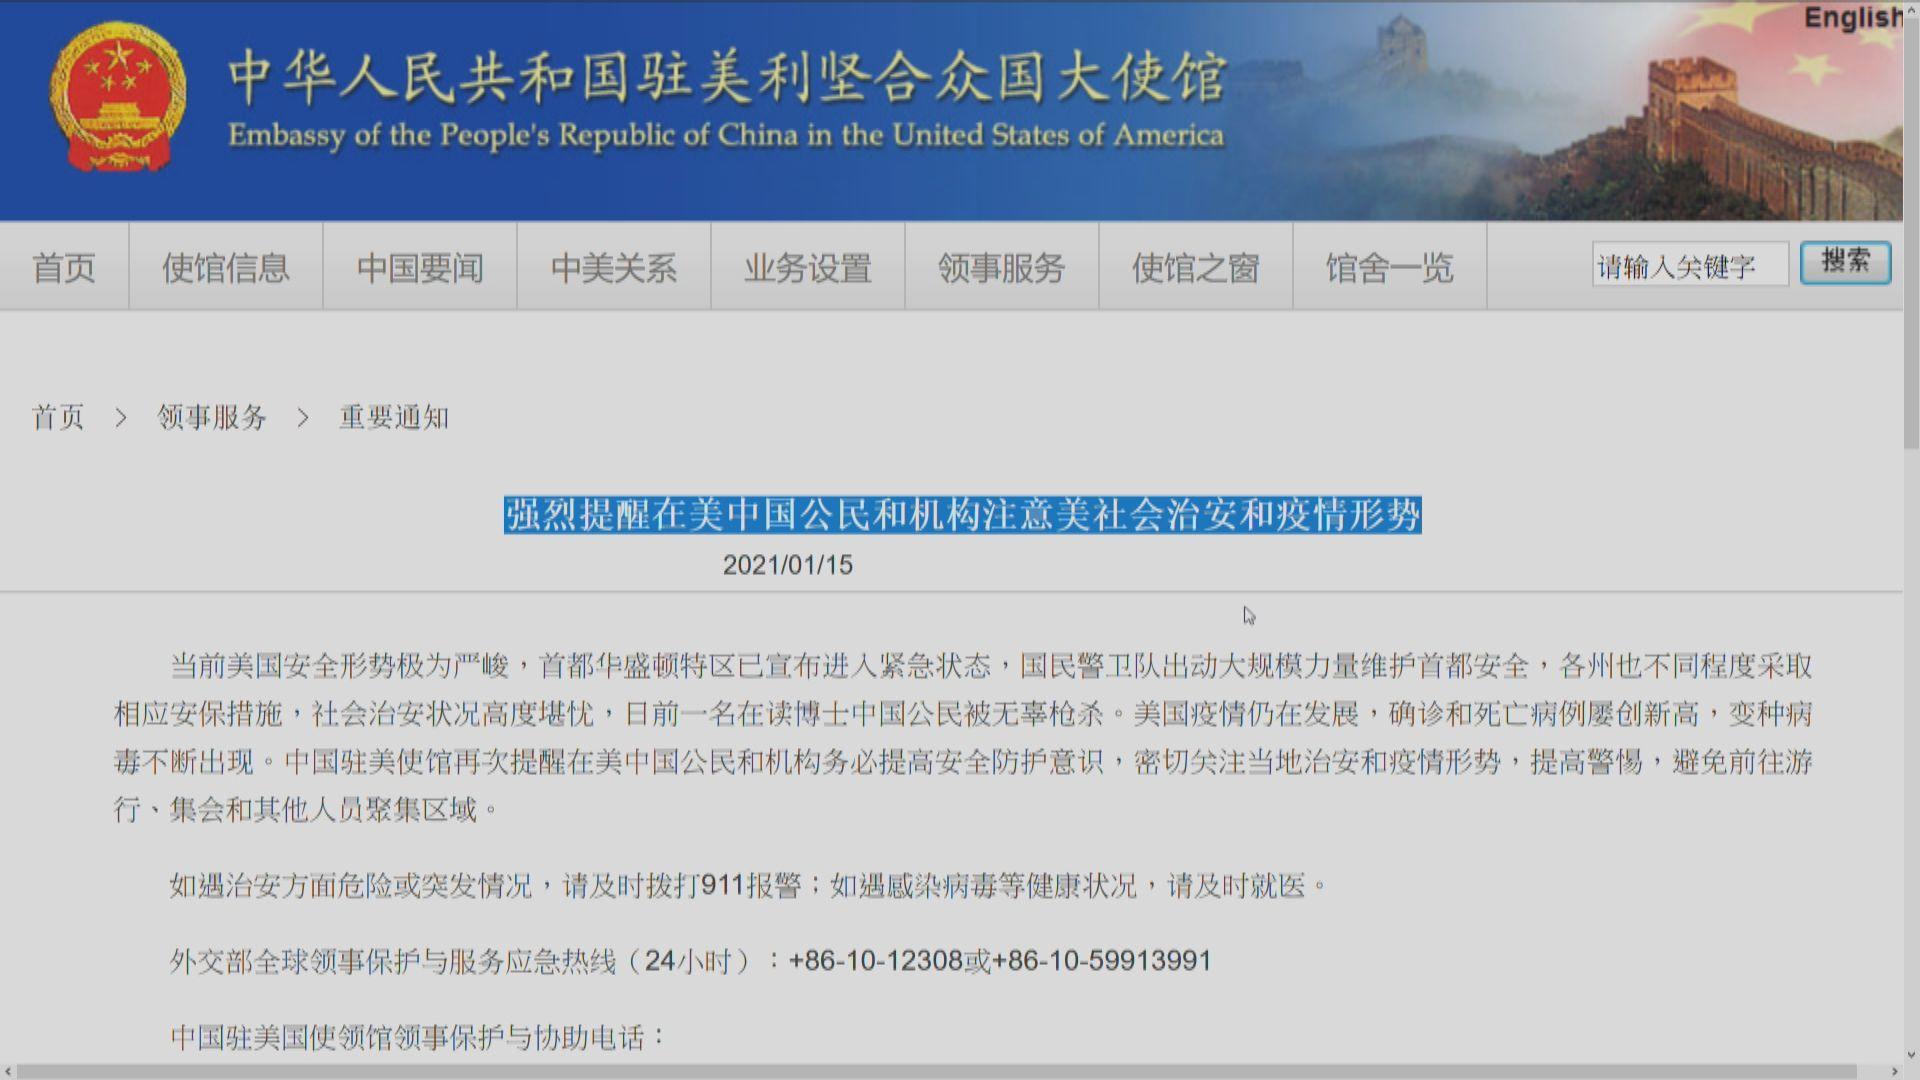 中國駐美大使館強烈提醒注意治安形勢